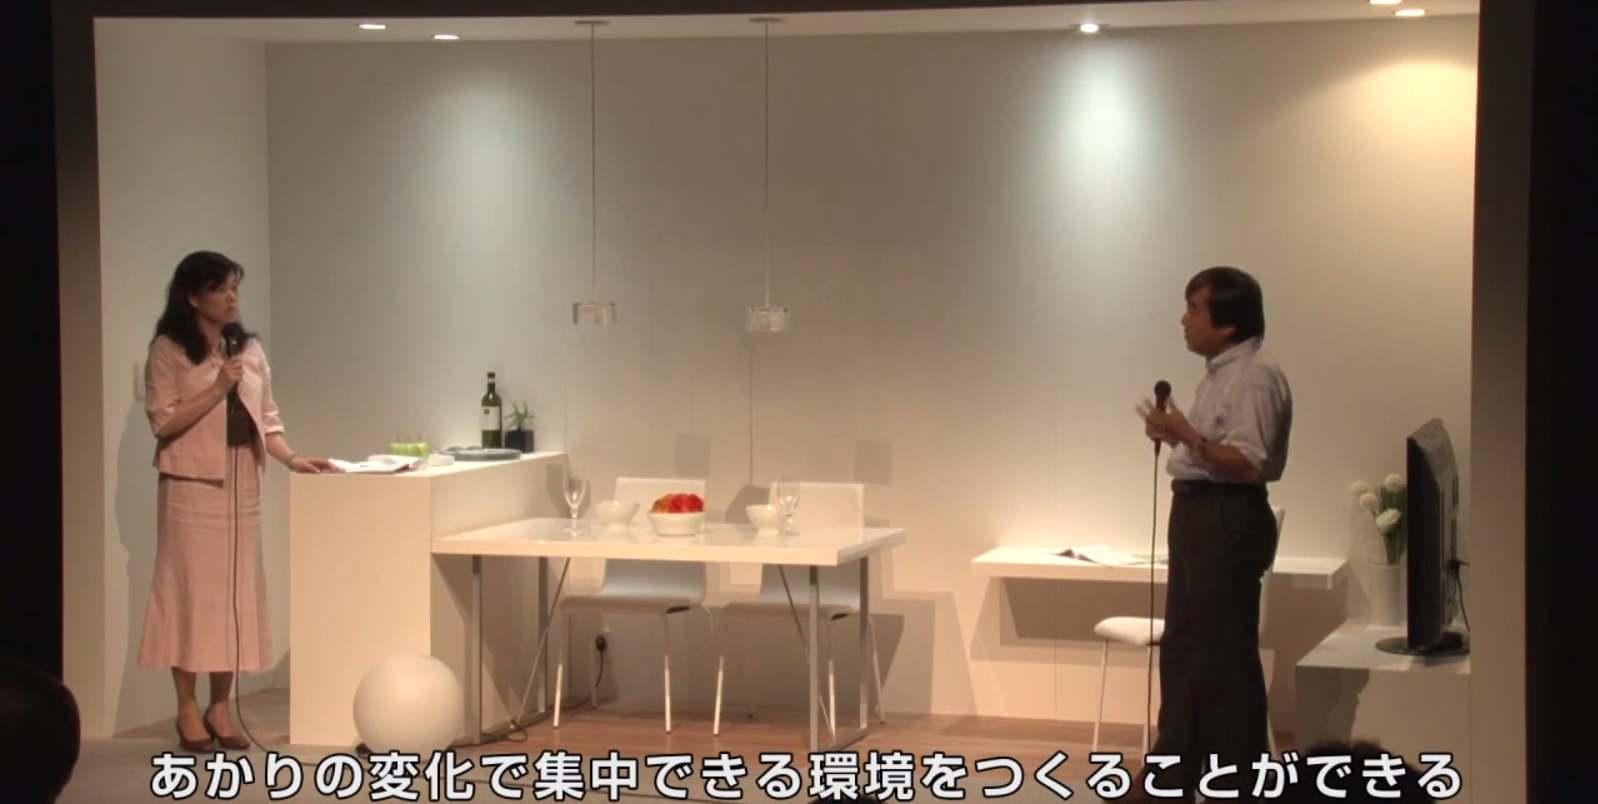 陰山英男先生と栗山幸子のトークセッション